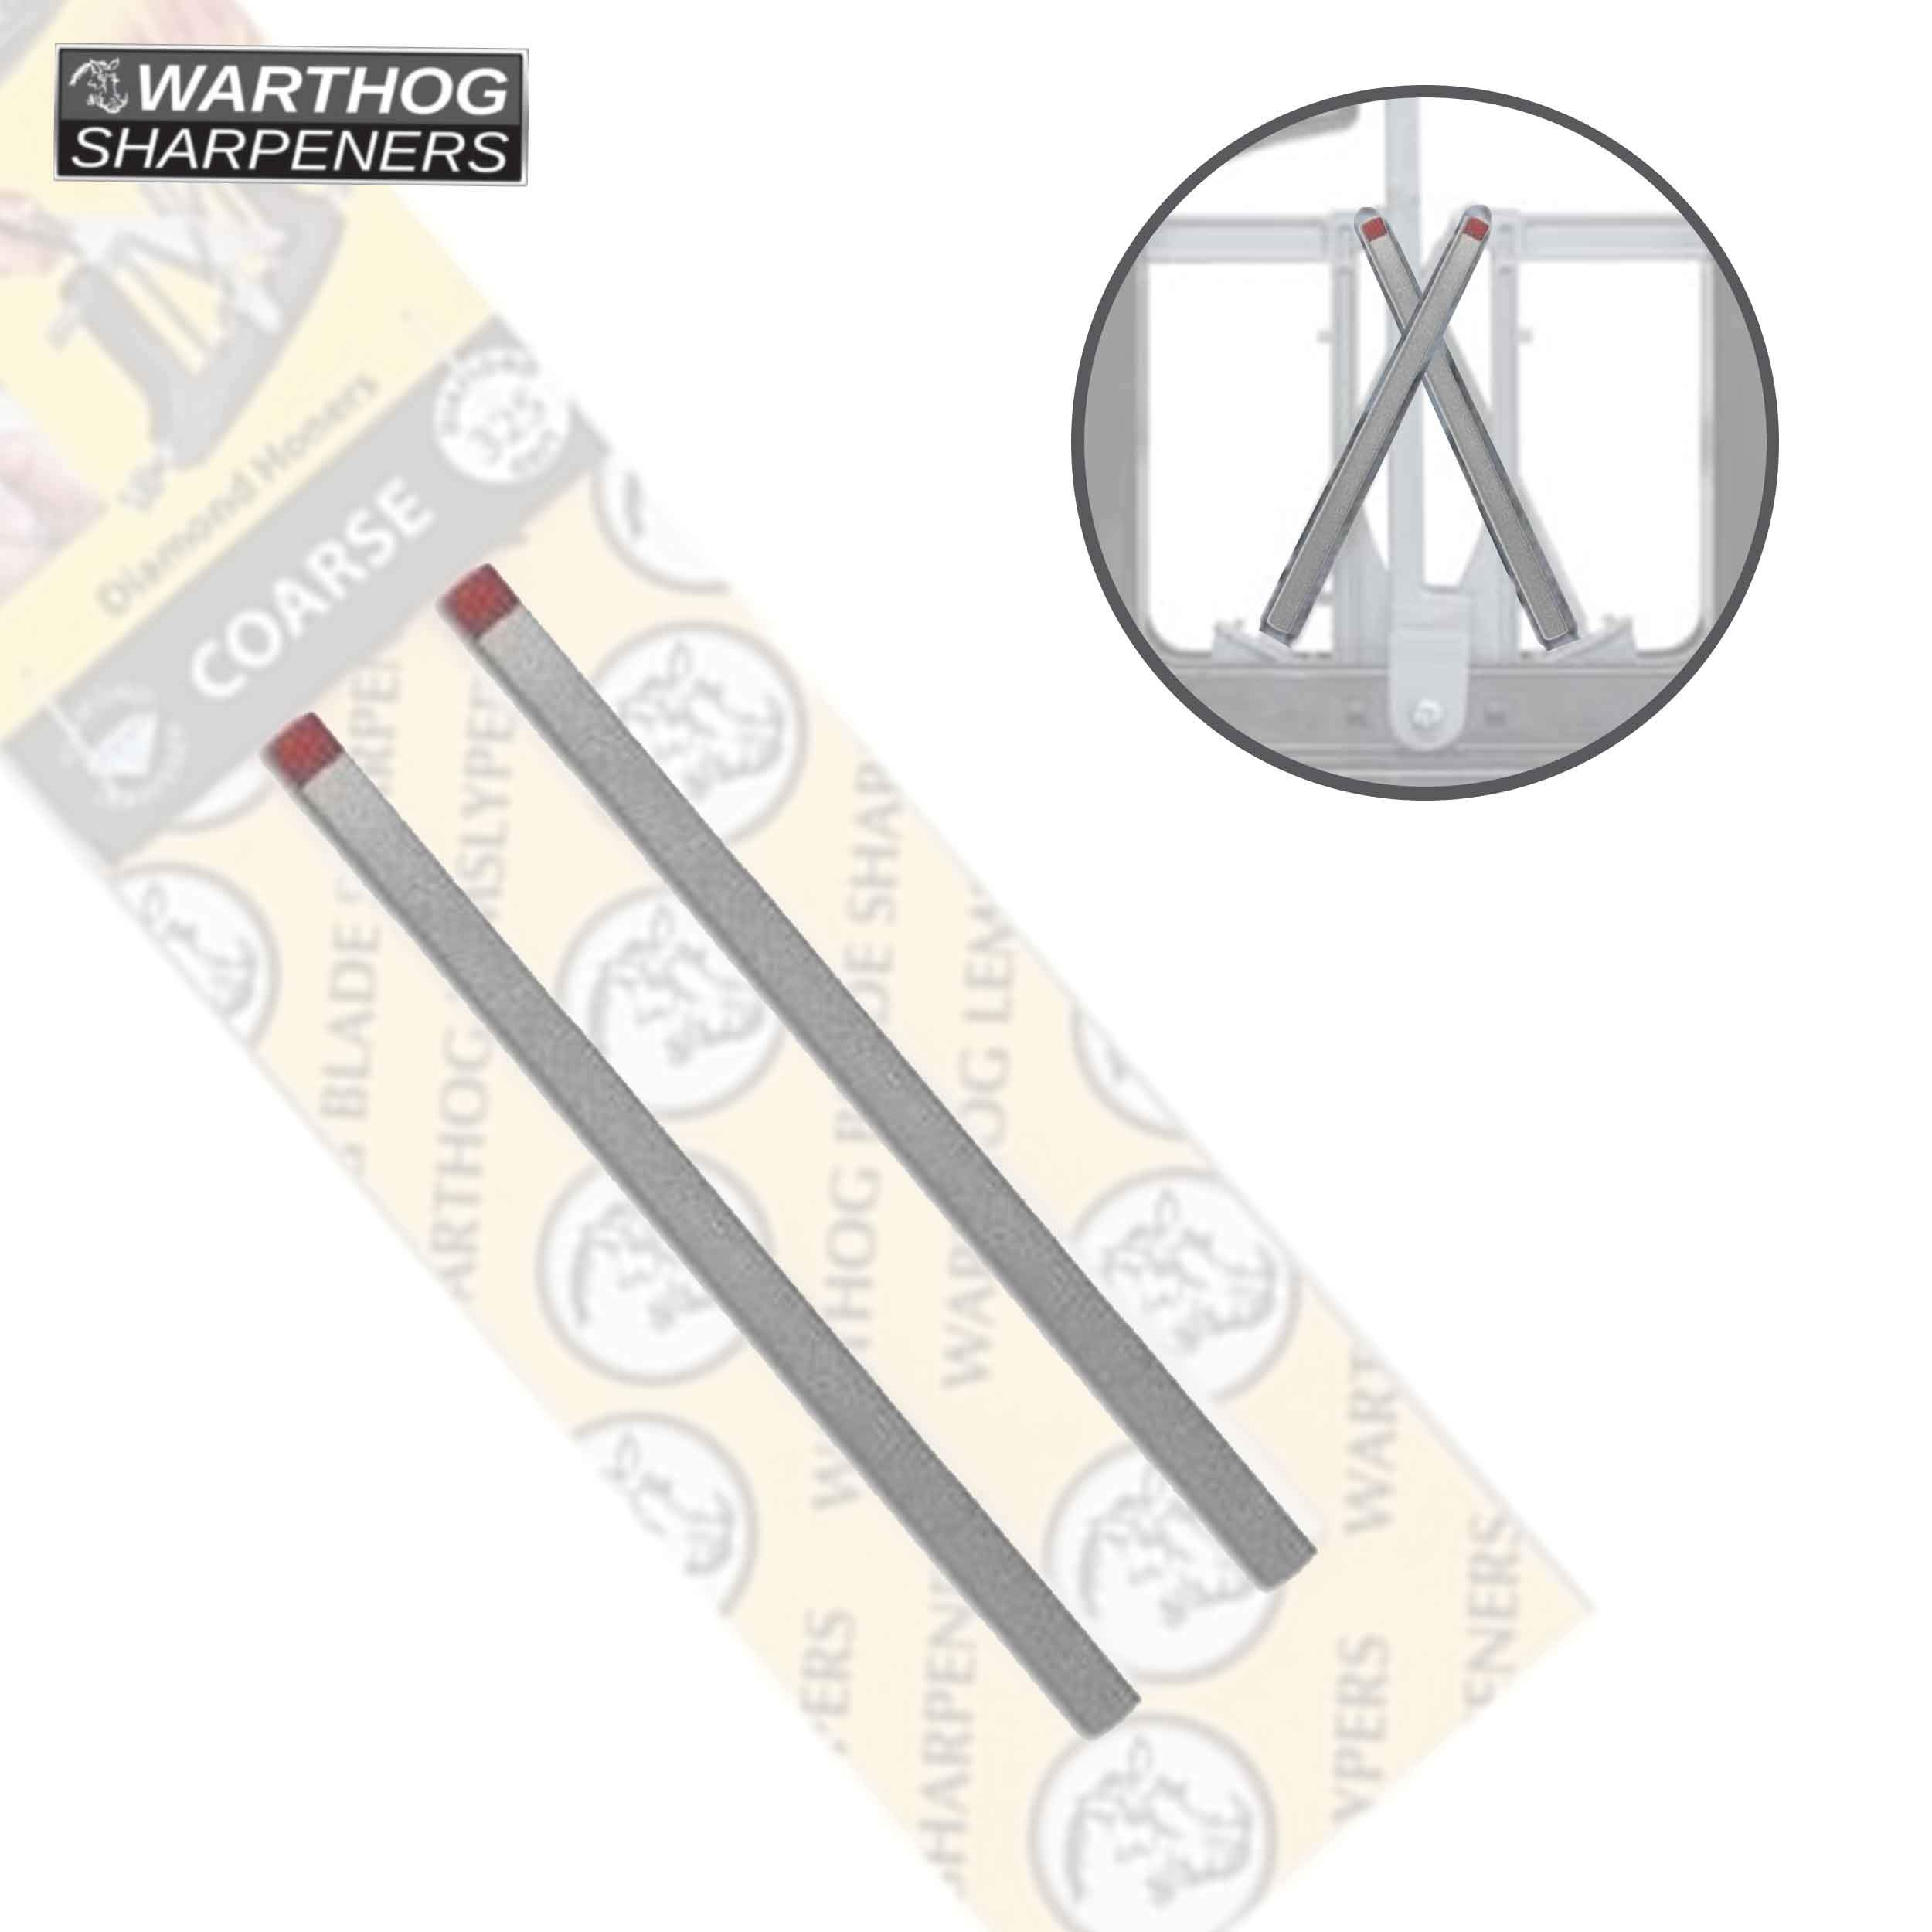 Vsharp Warthog Sharpeners Combination Diamond Honers Medium & Fine by Warthog